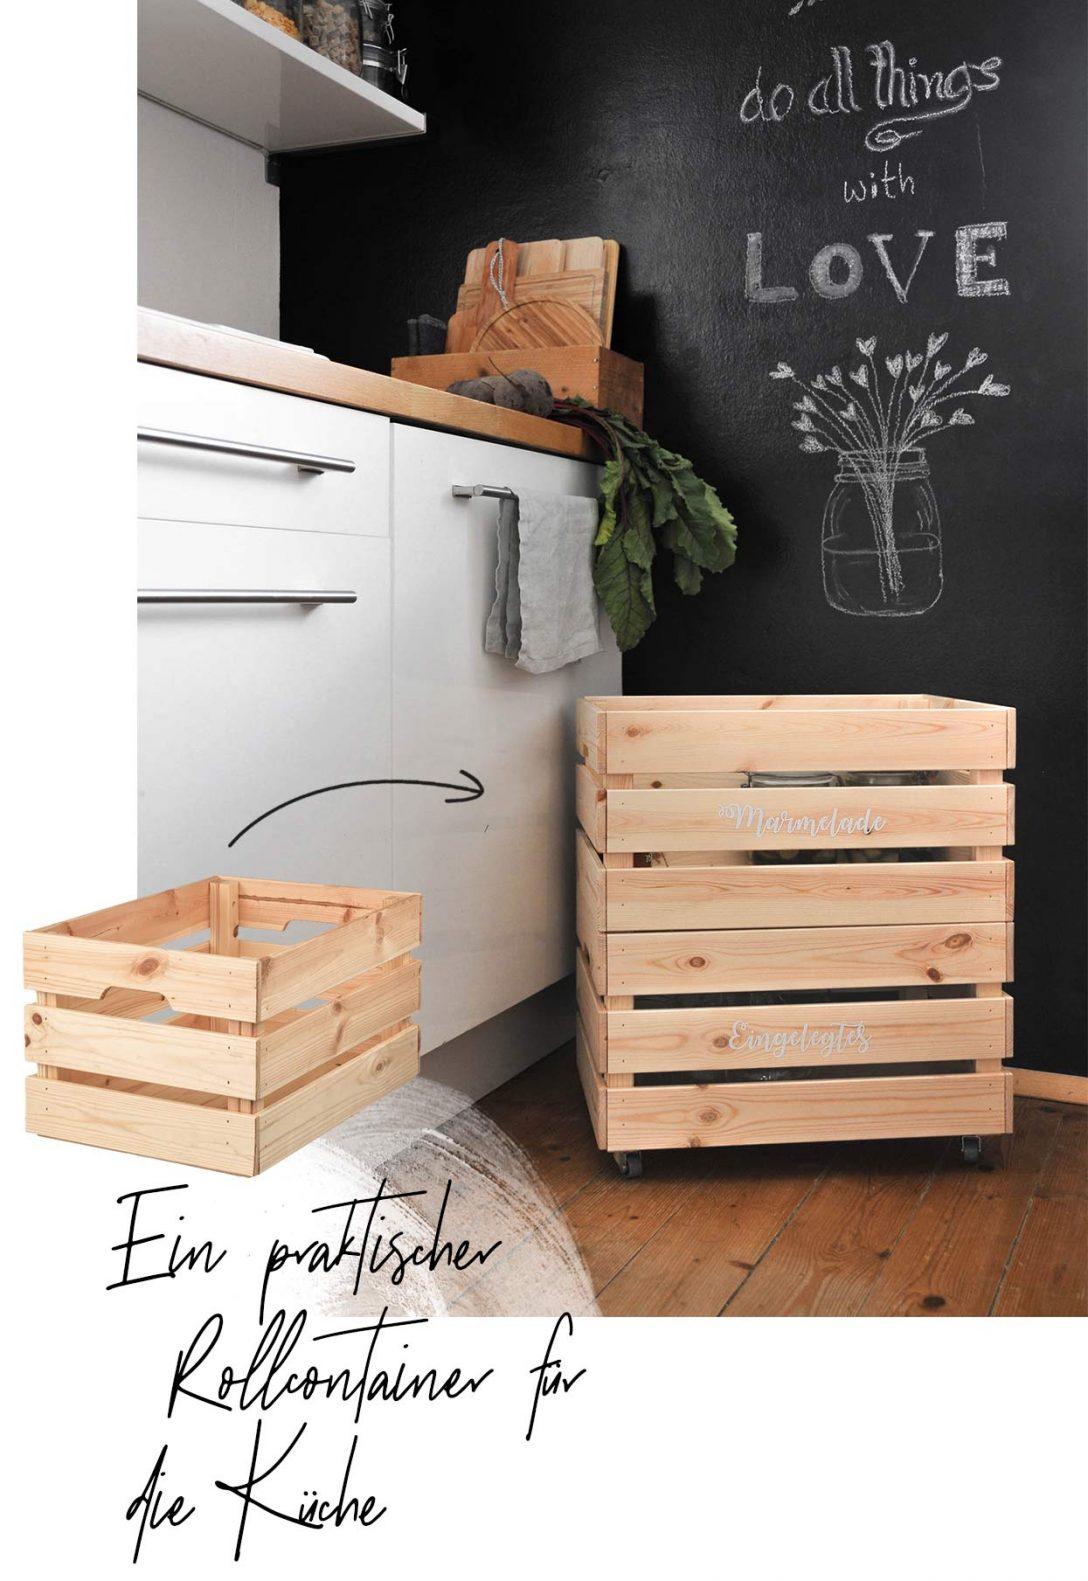 Large Size of Toller Ikea Hack Einen Rollcontainer Selber Bauen Wohnklamotte Küche Günstig Mit Elektrogeräten Hängeschränke Modul Obi Einbauküche Arbeitsplatte Wohnzimmer Ikea Hacks Küche